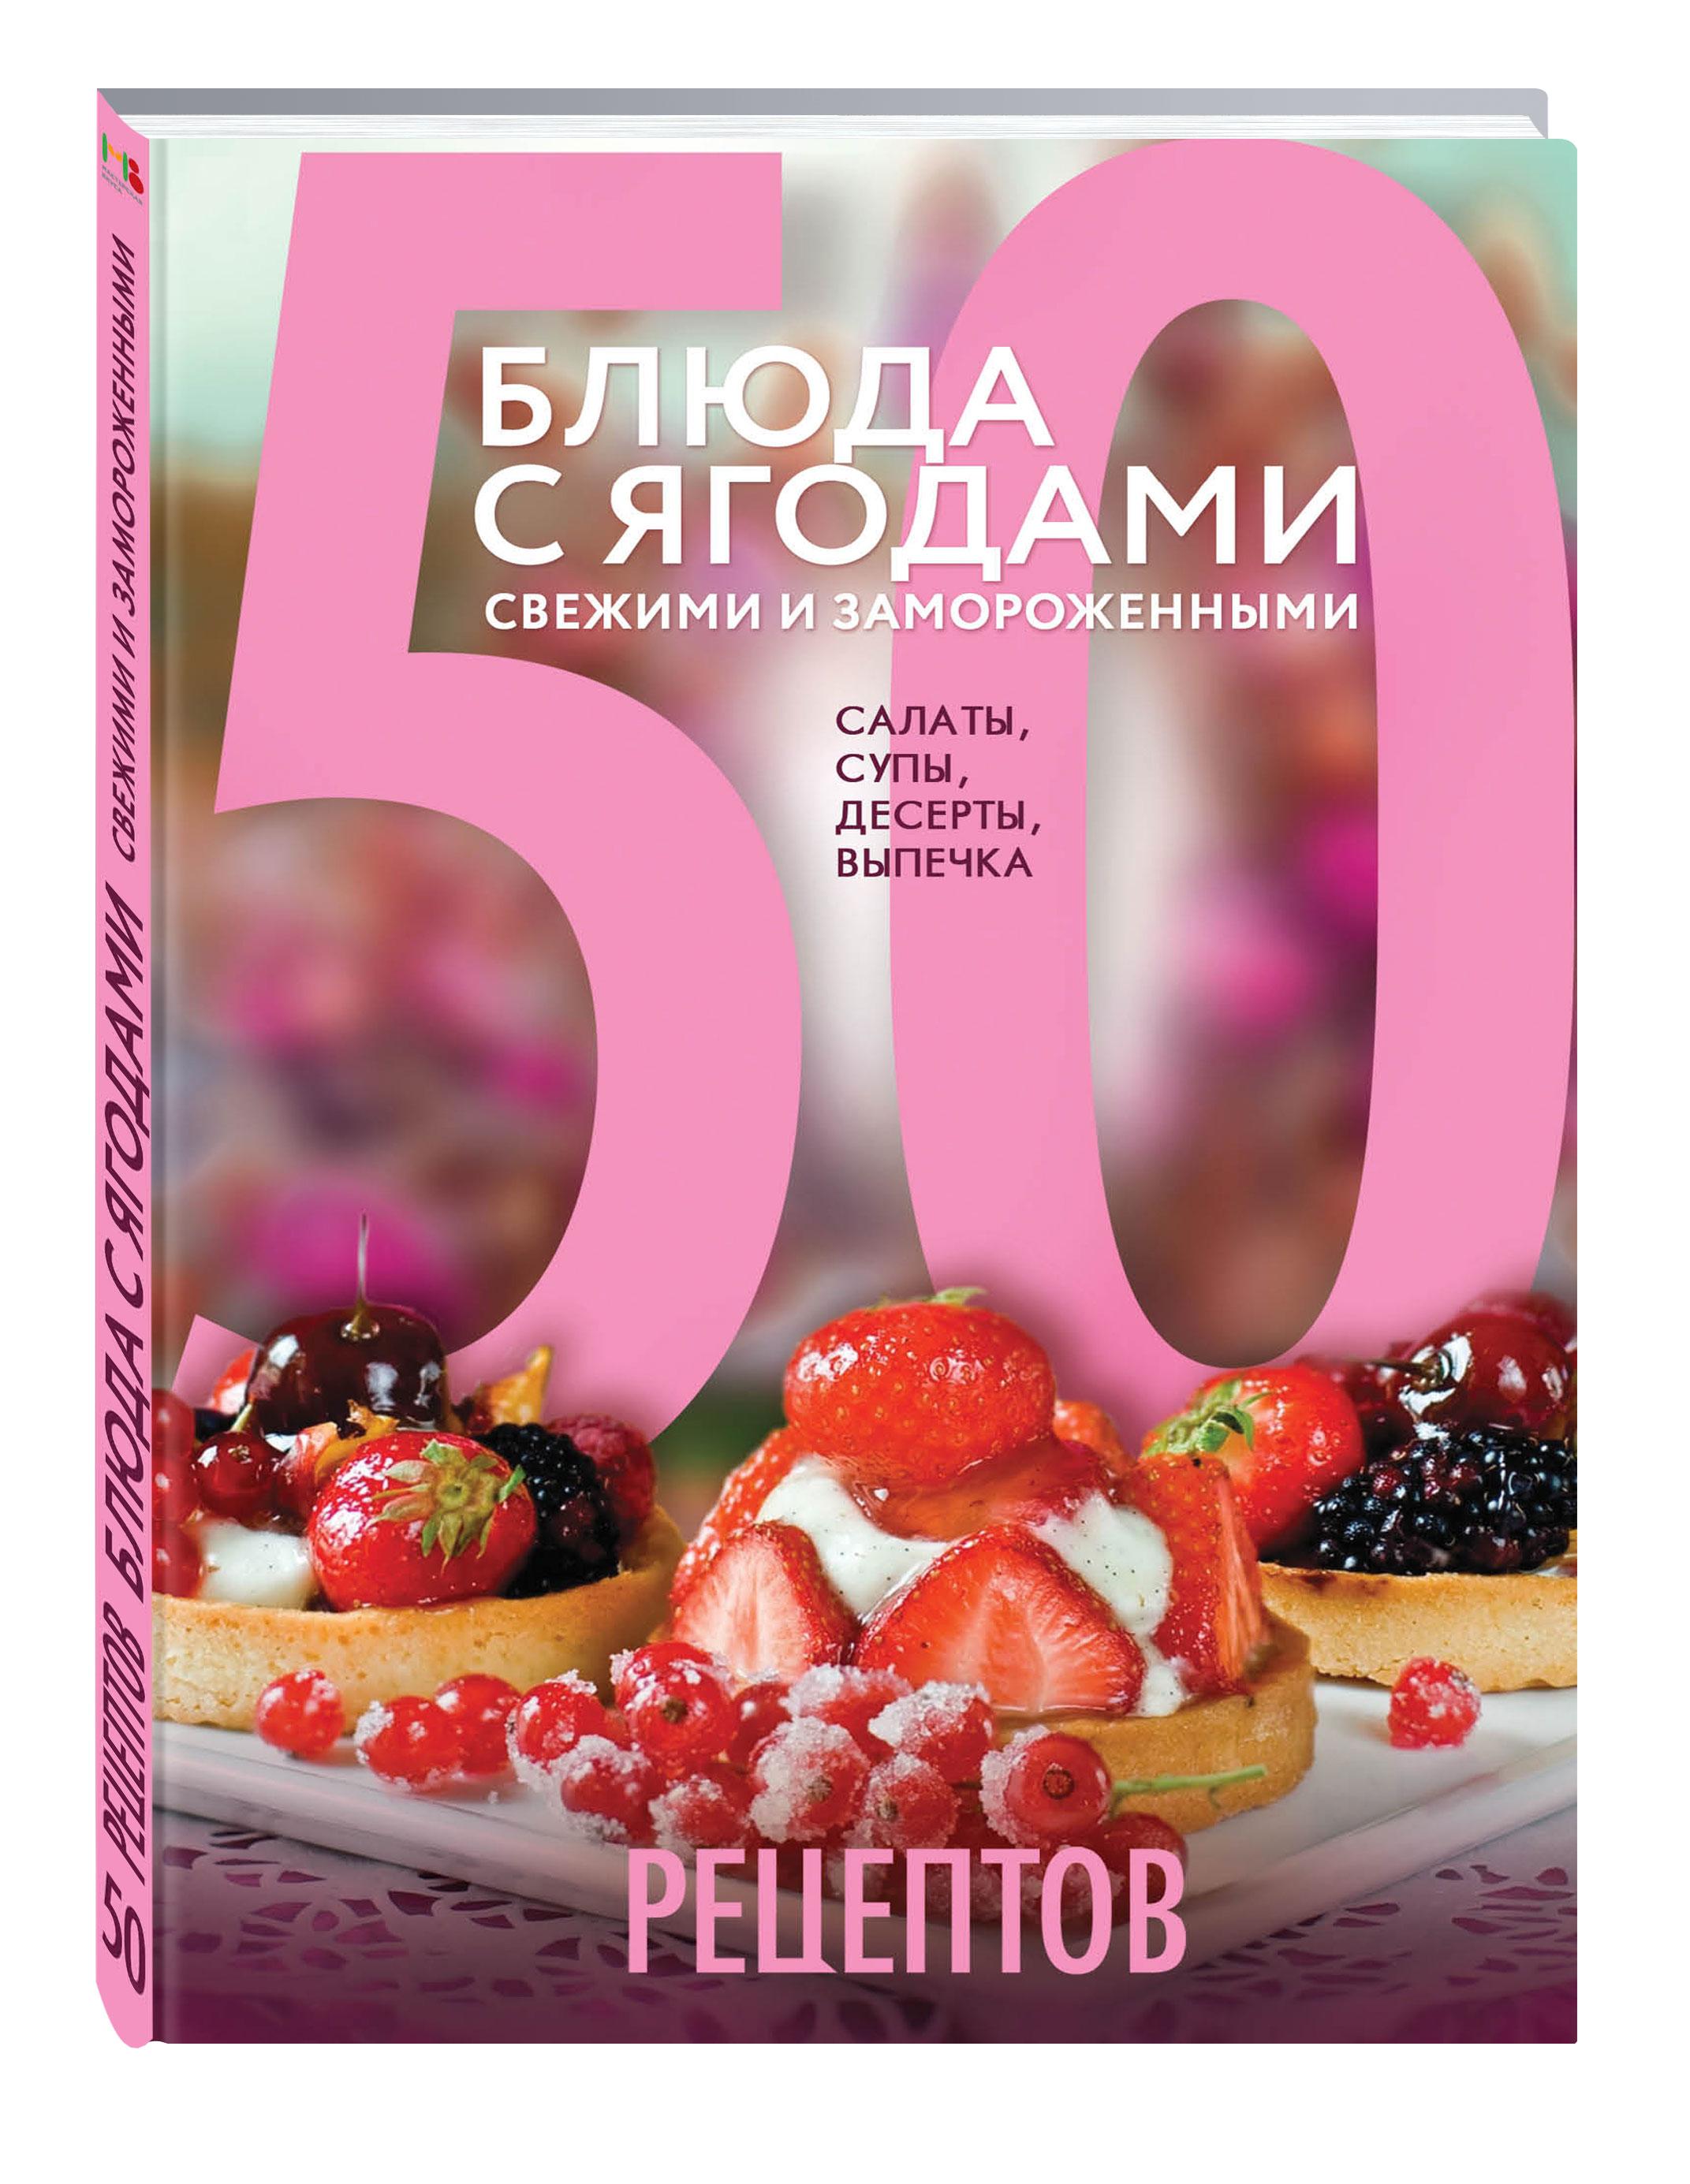 50 рецептов. Блюда с ягодами, свежими и замороженными. Салаты, супы, десерты, выпечка